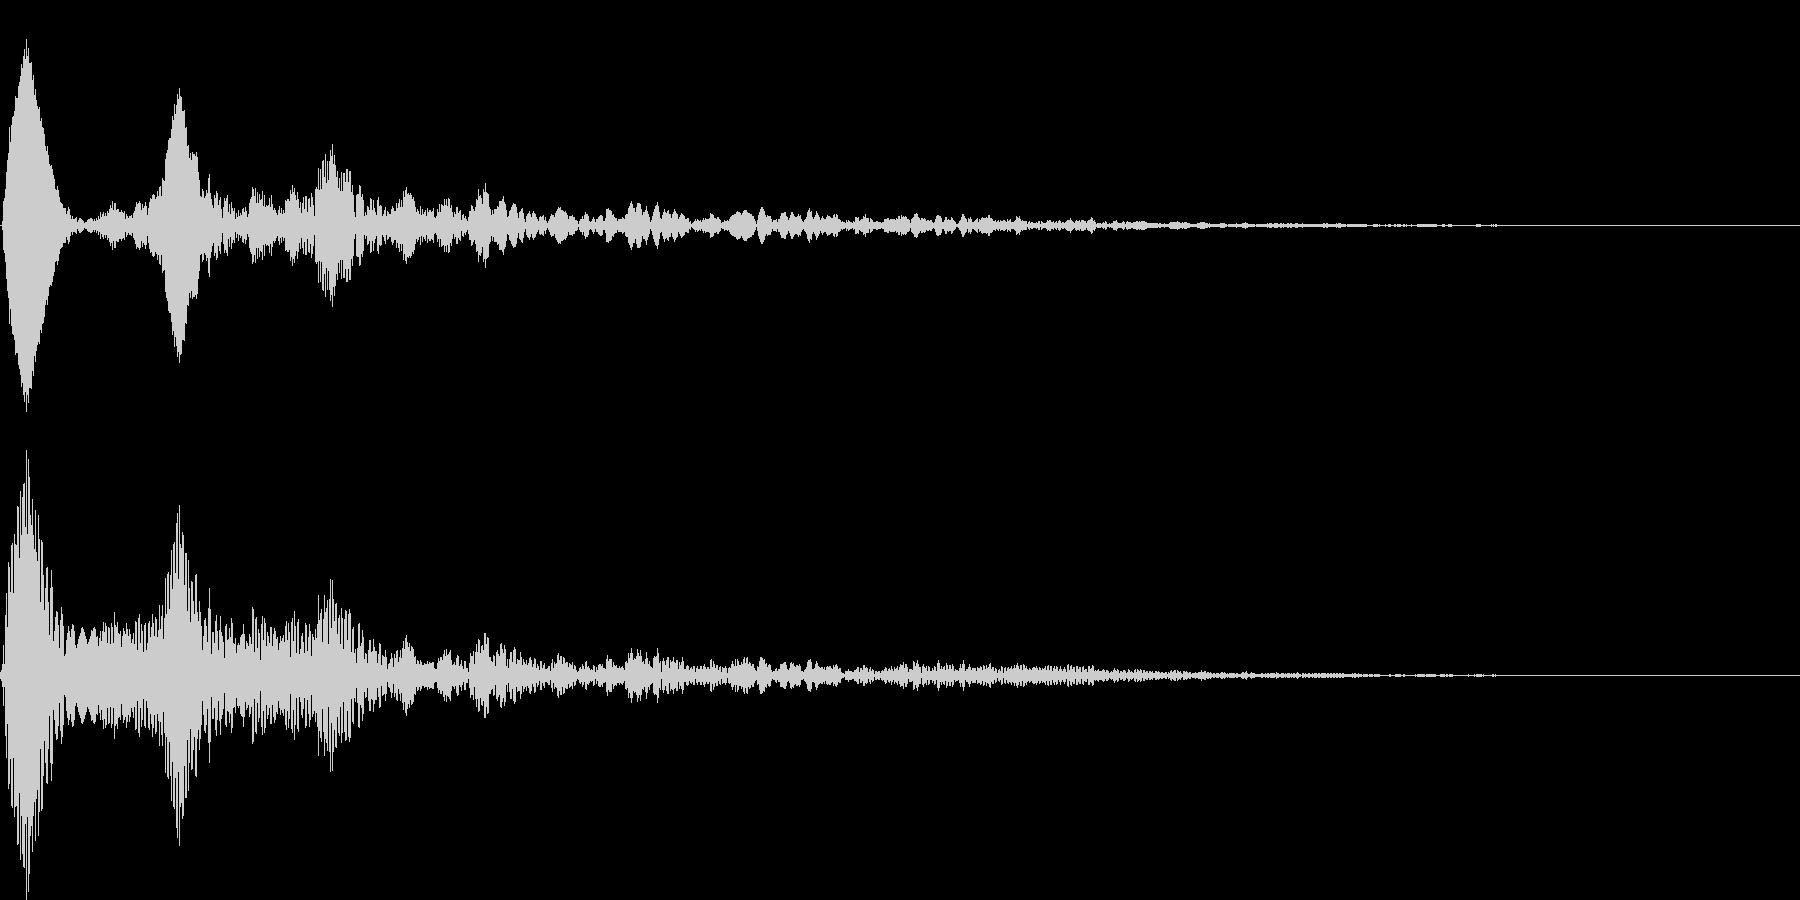 ワンポイント - 2 バブルの未再生の波形